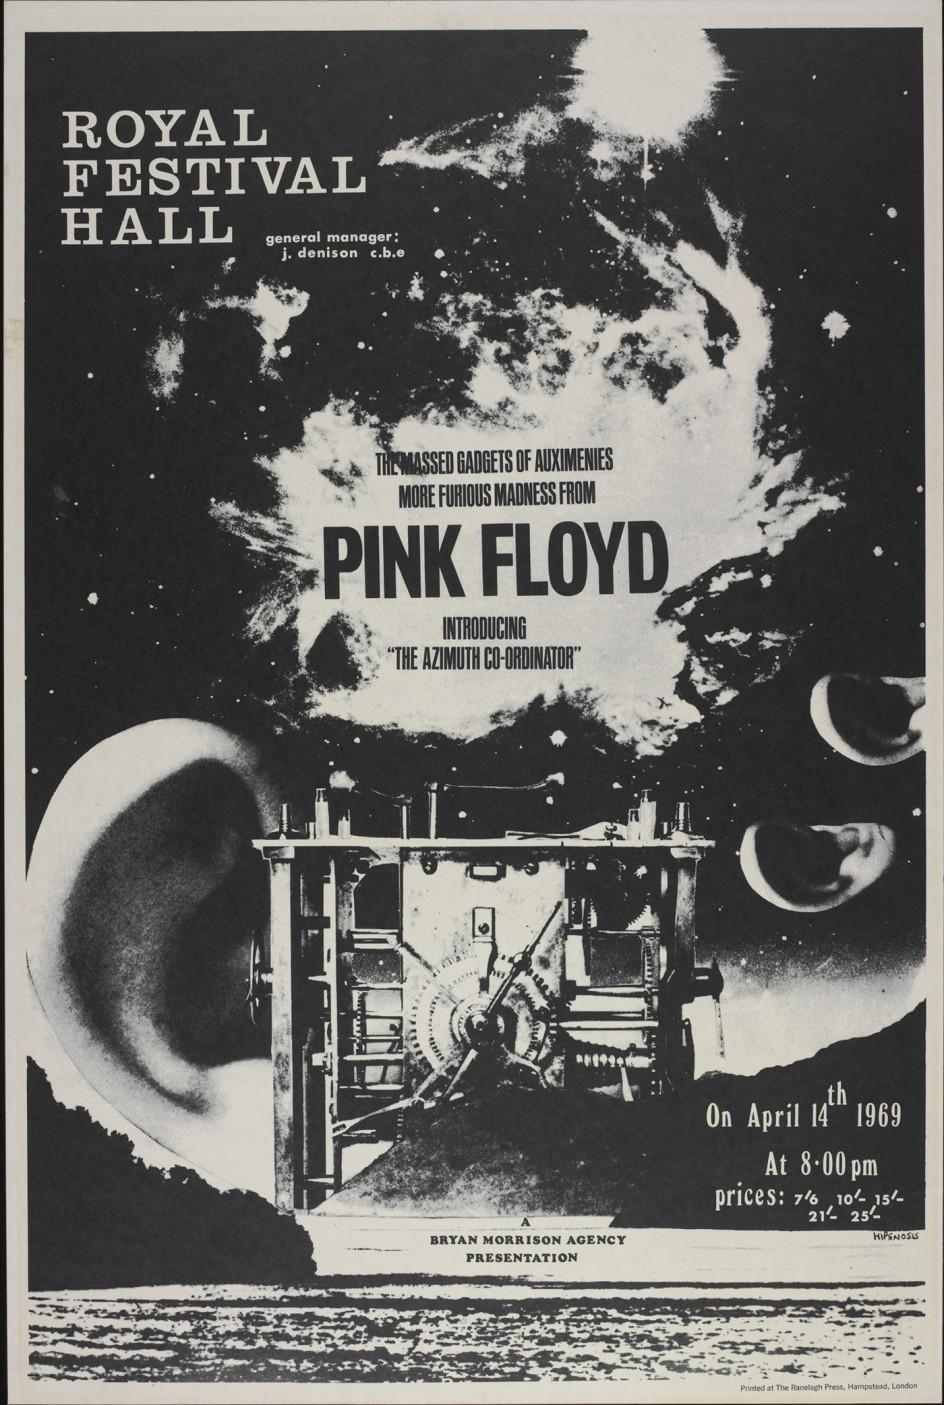 Poster for 'The Massed Gadgets of Auximines' - Designed by Hipgnosis in 1969 . Cartel de 1969 de Hipgnosis, la empresa de diseño gráfico con la que trabajó siempre Pink Floyd